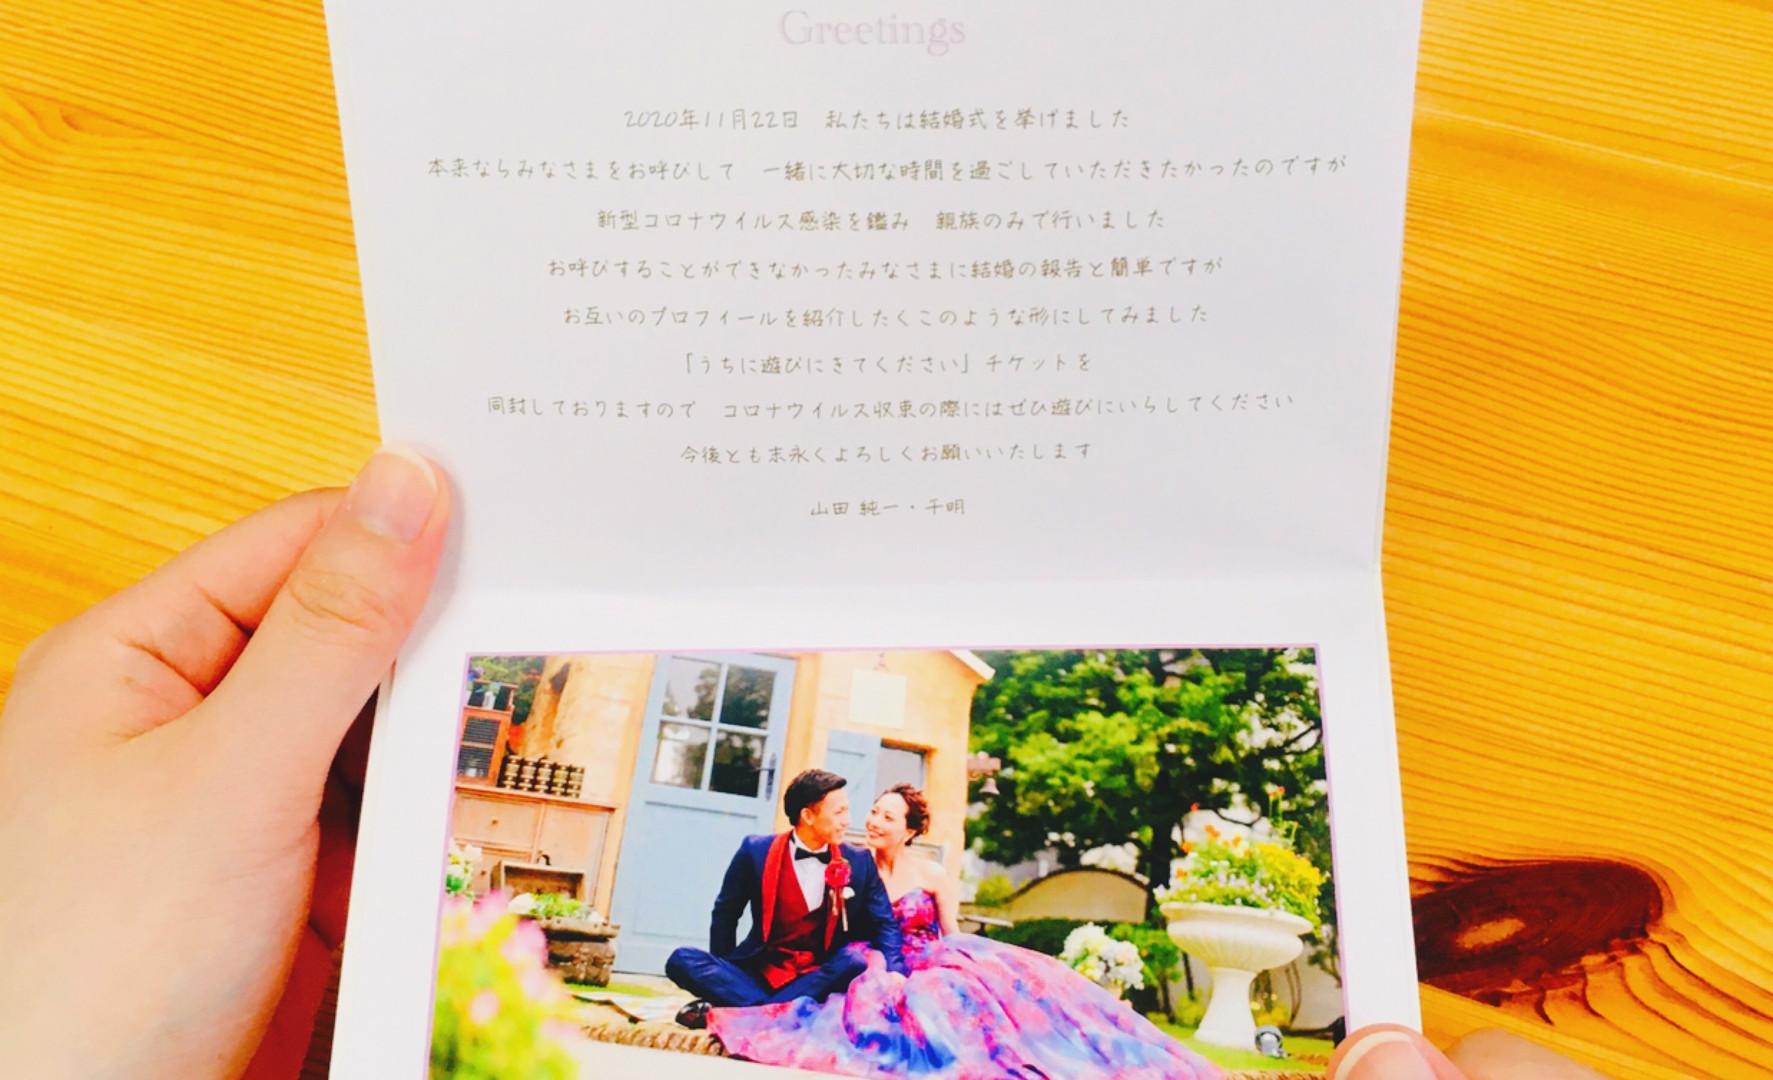 手持ち Just married デザイン3-A-3.jpg